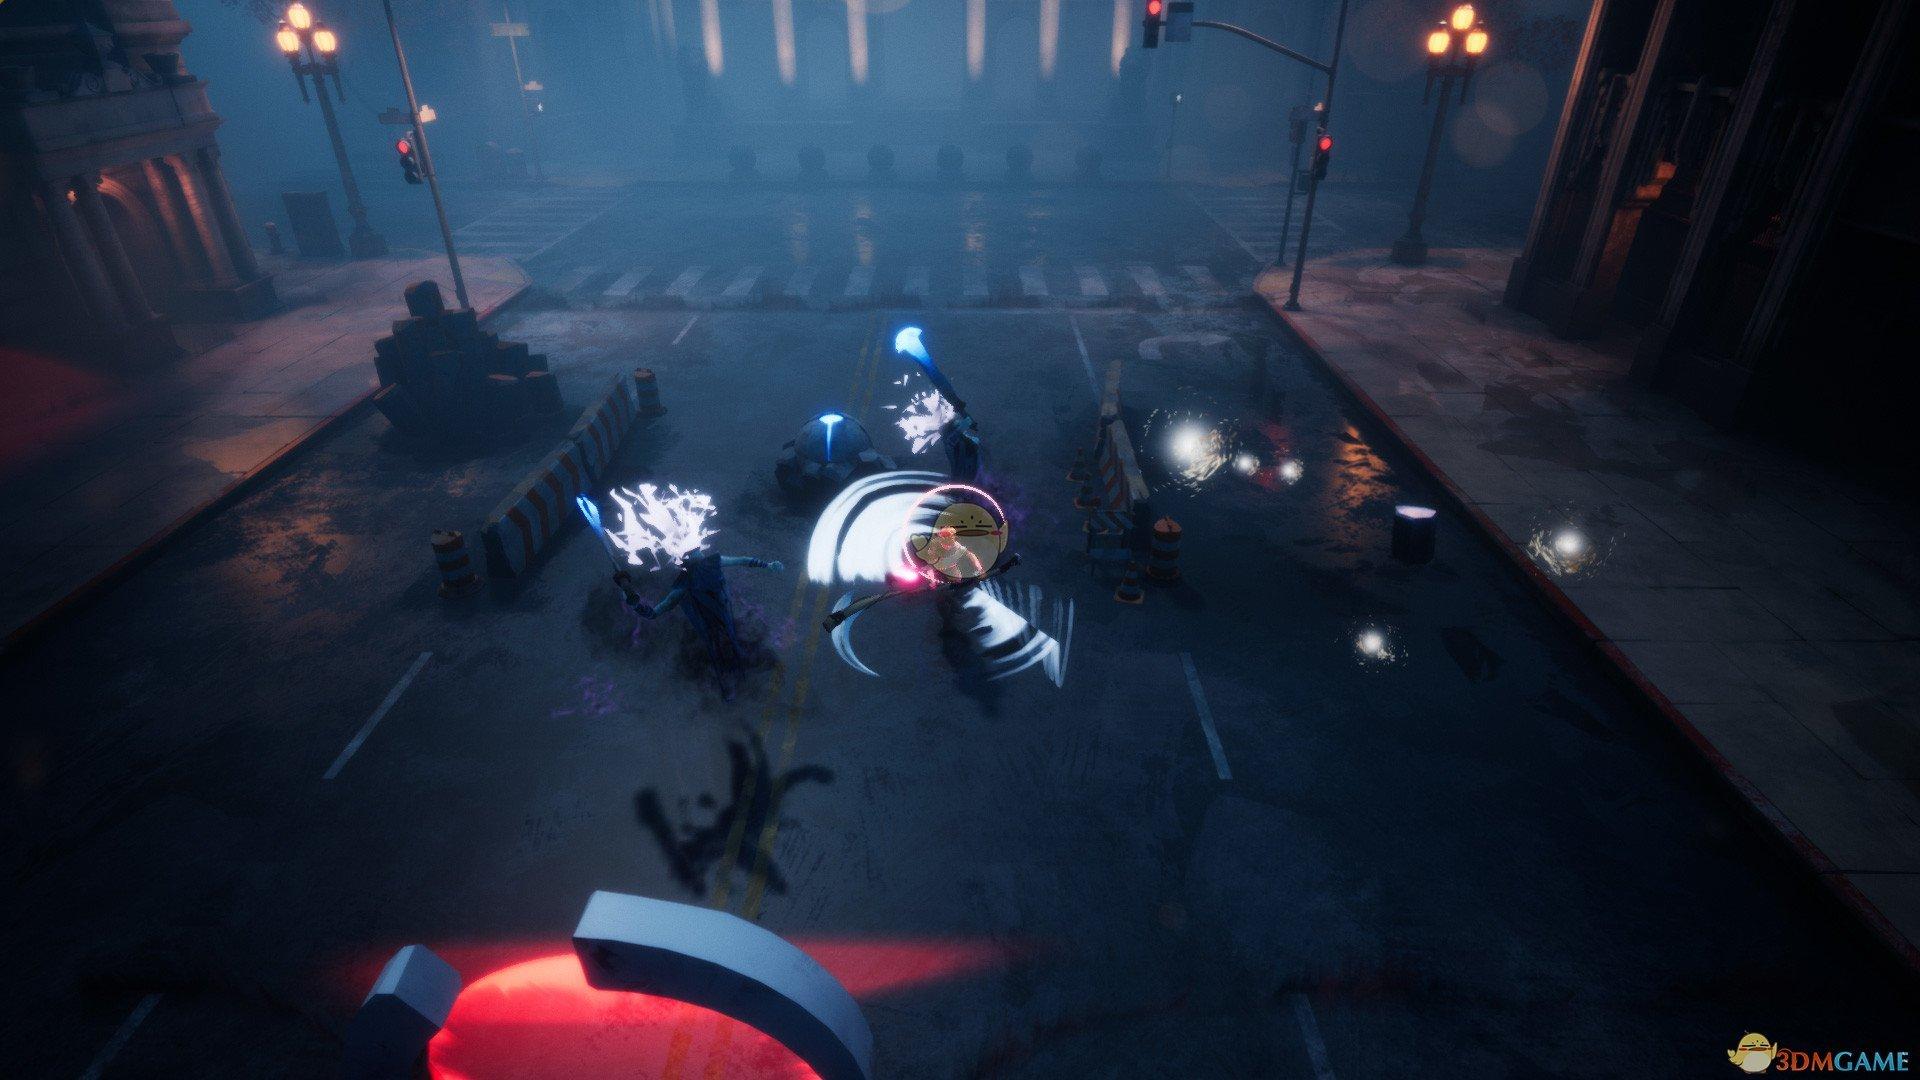 《层层梦境》游戏配置要求一览